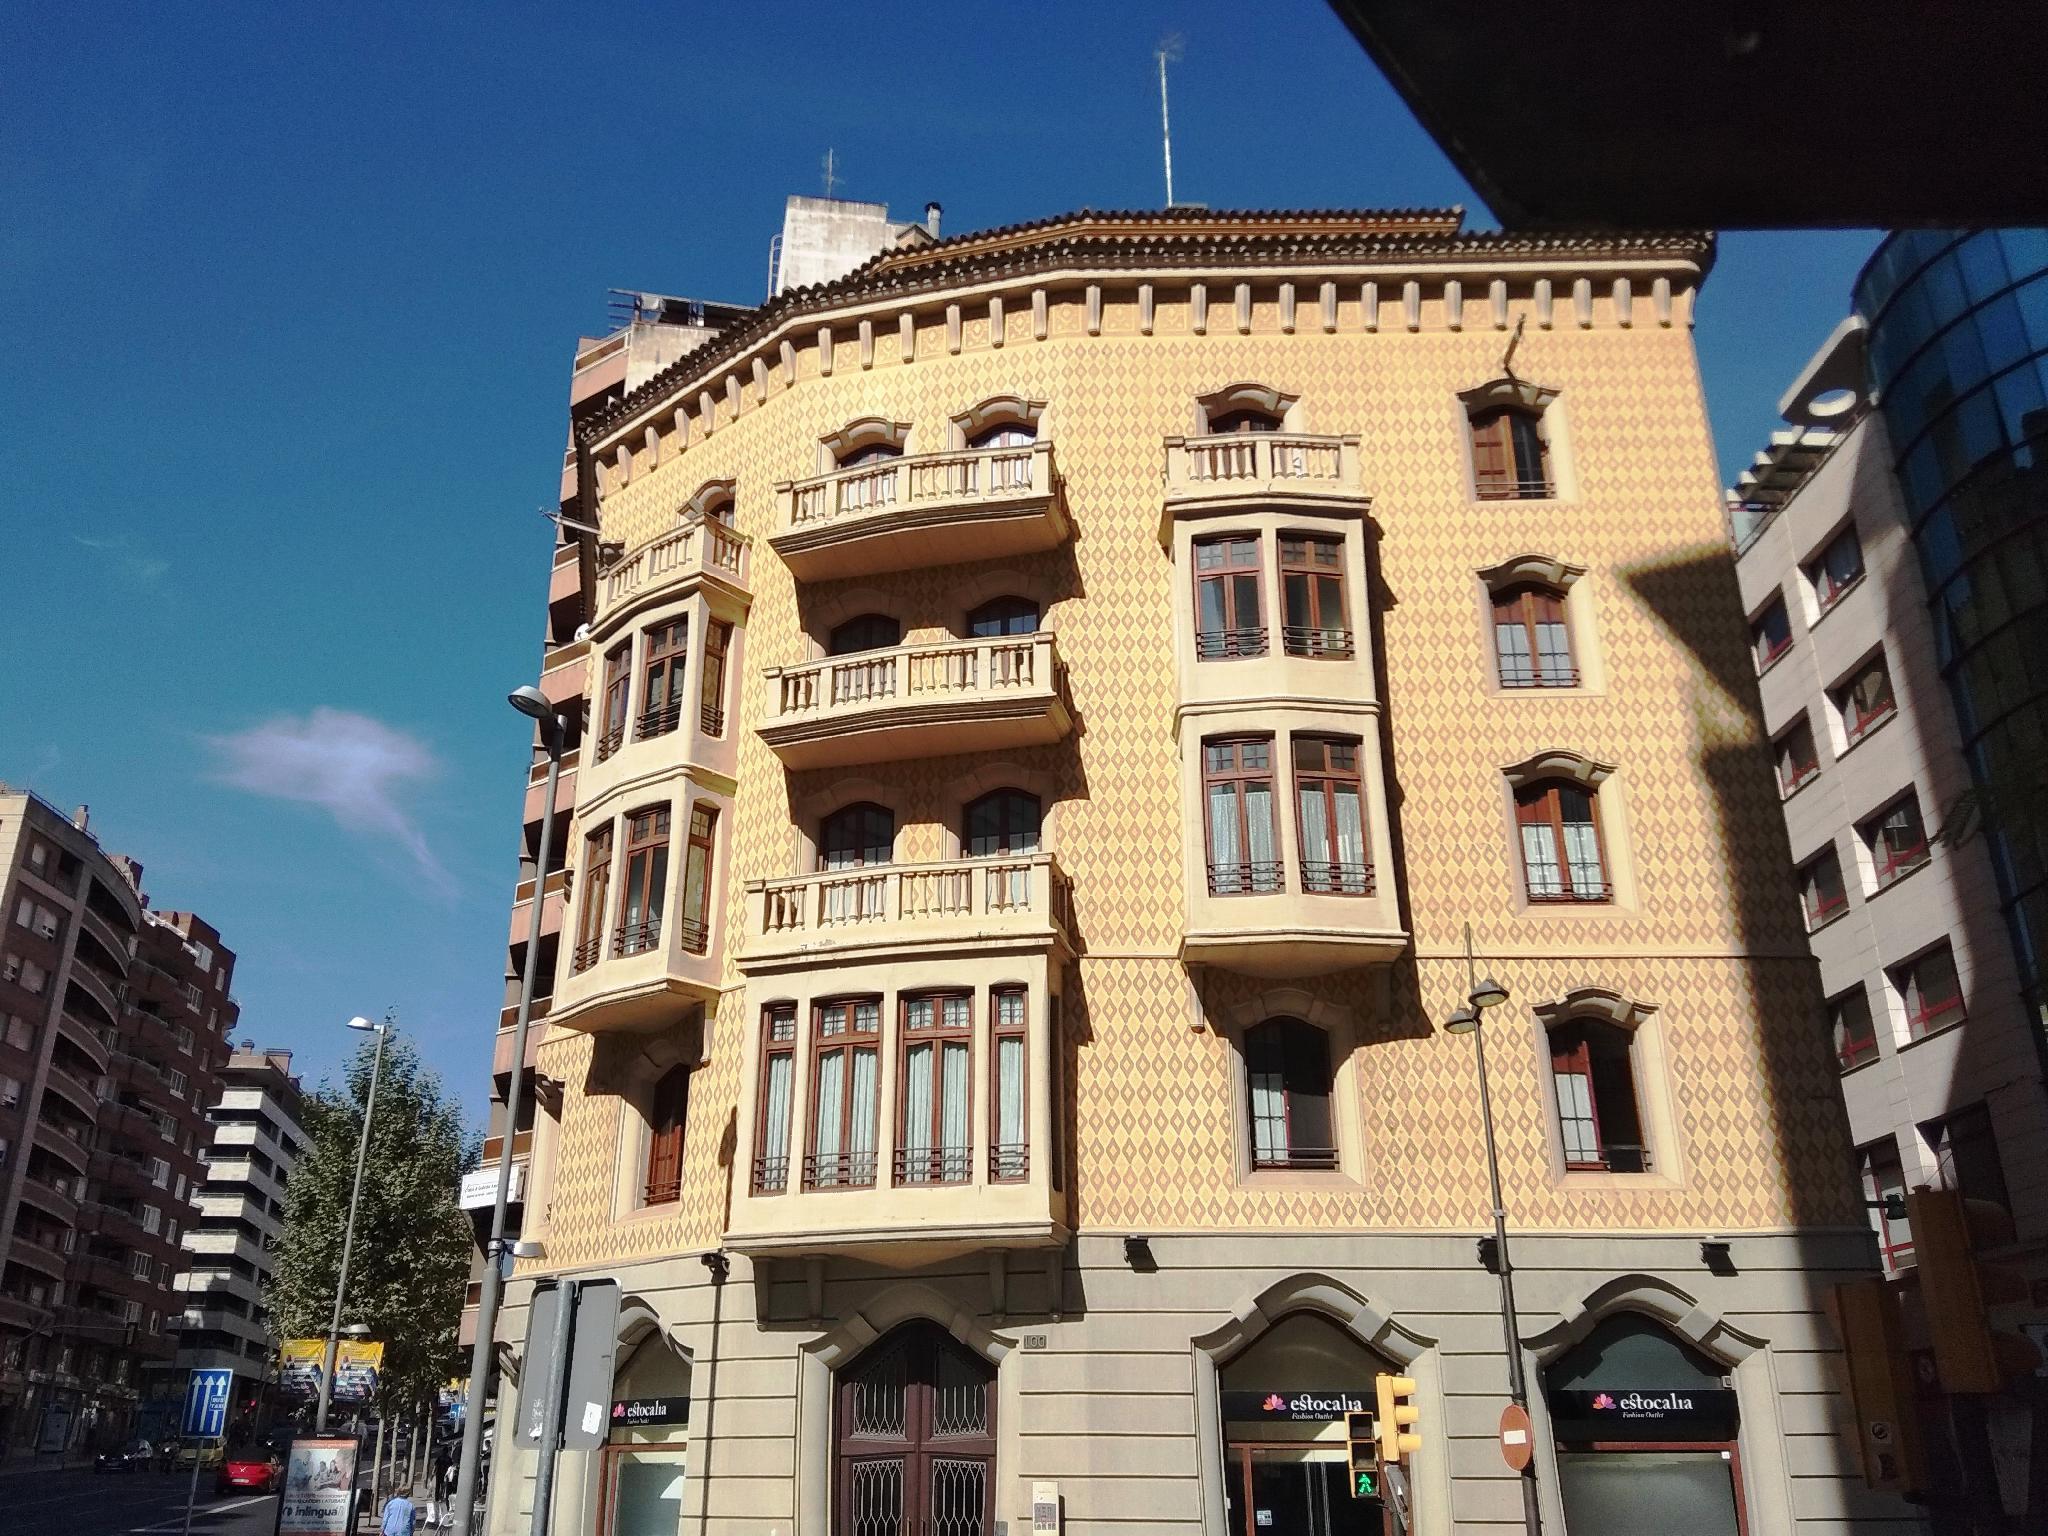 231485 - Junt a Avda Catalunya